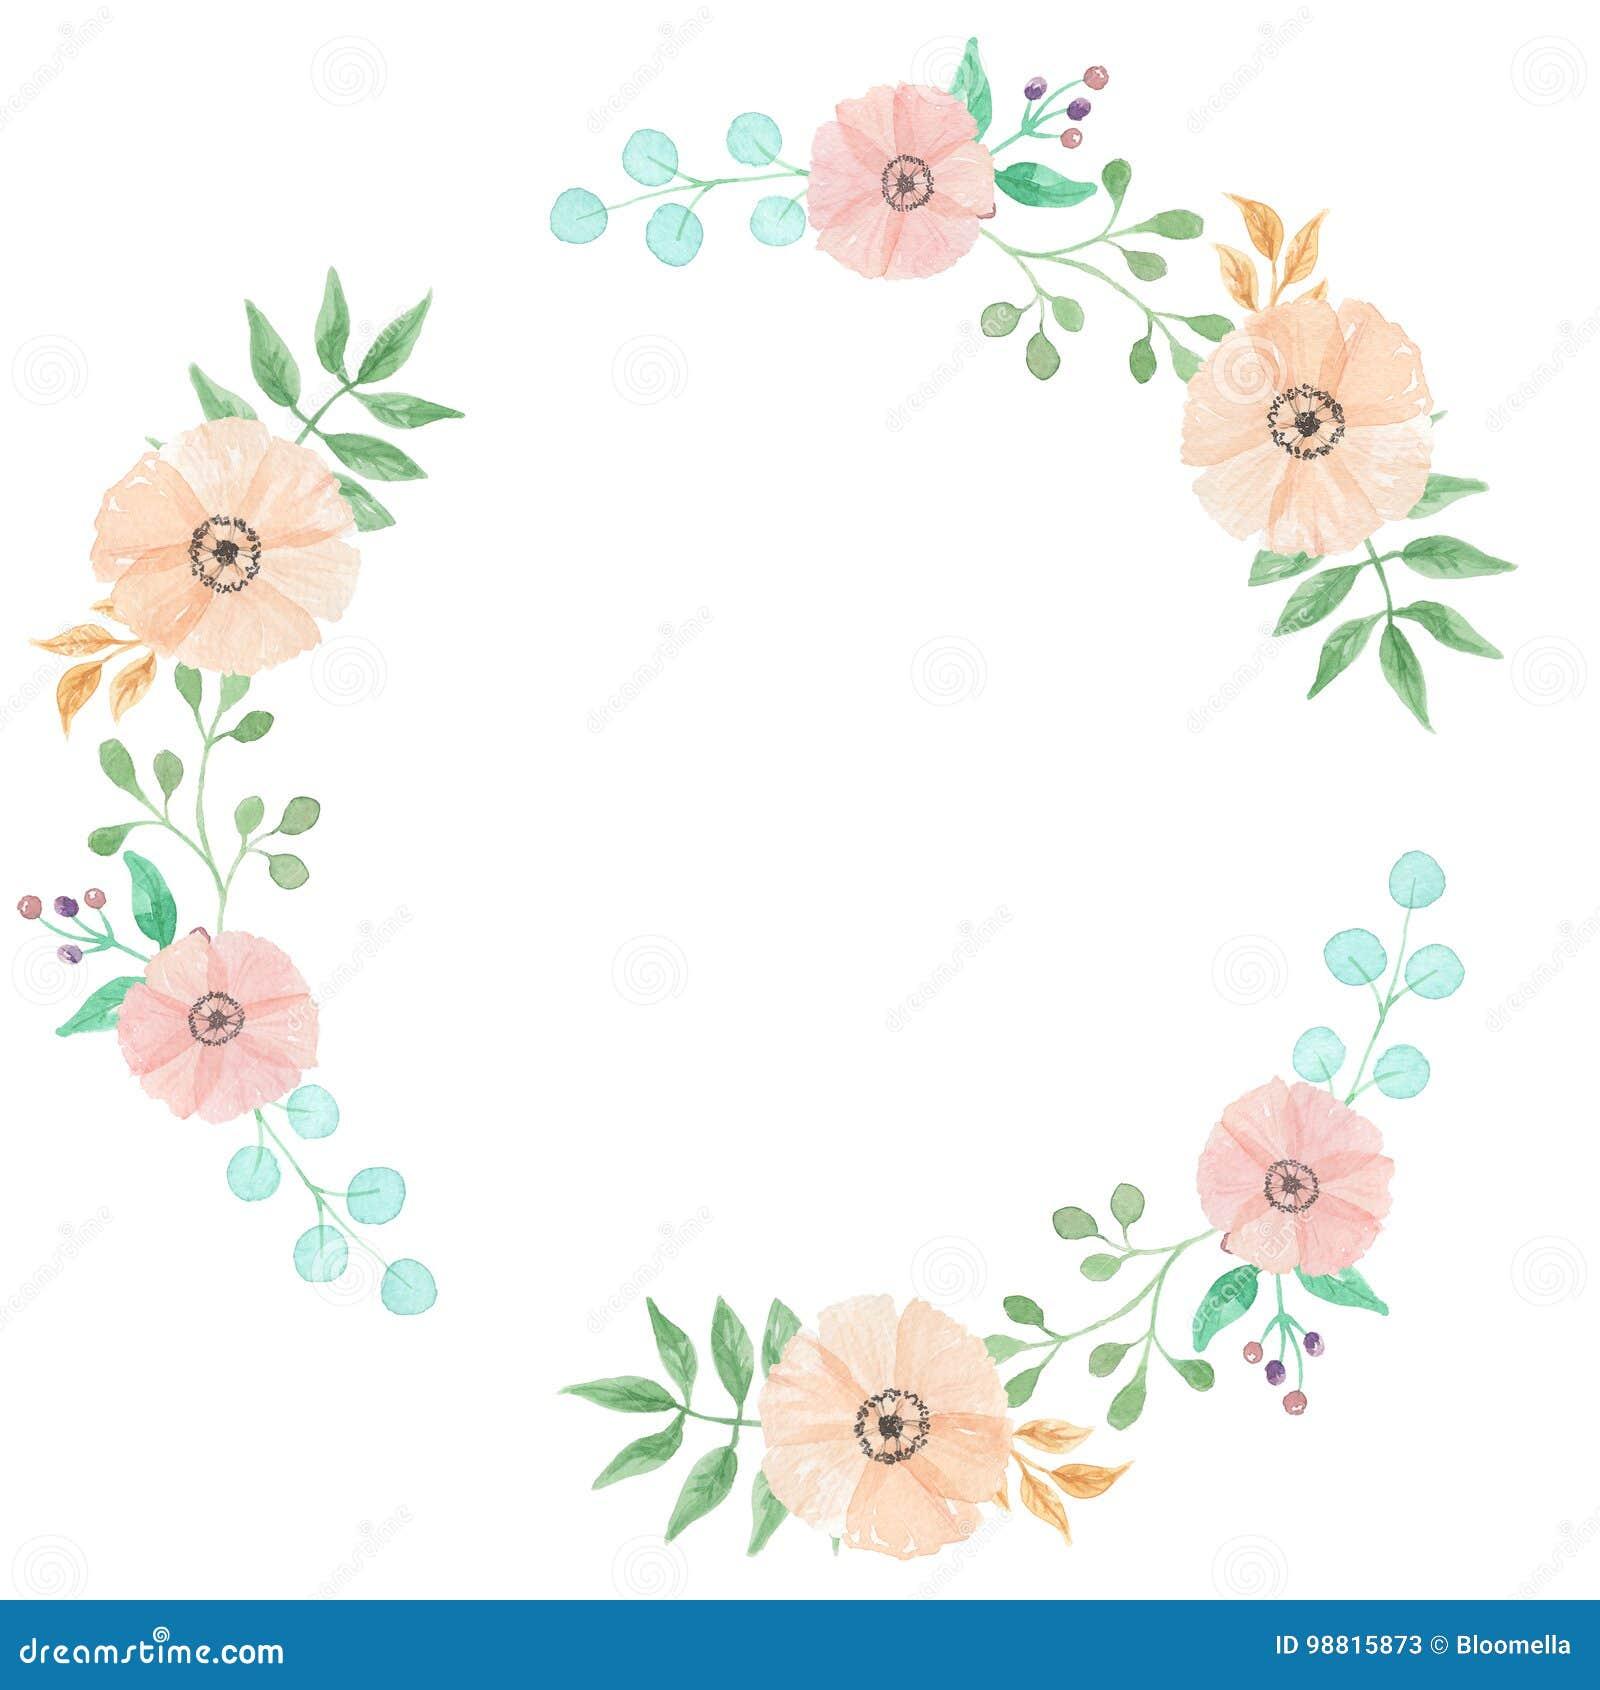 Aquarell-Rahmen Verlässt Kreis-Blumen-Frühlings-Sommer Berry Leaf ...